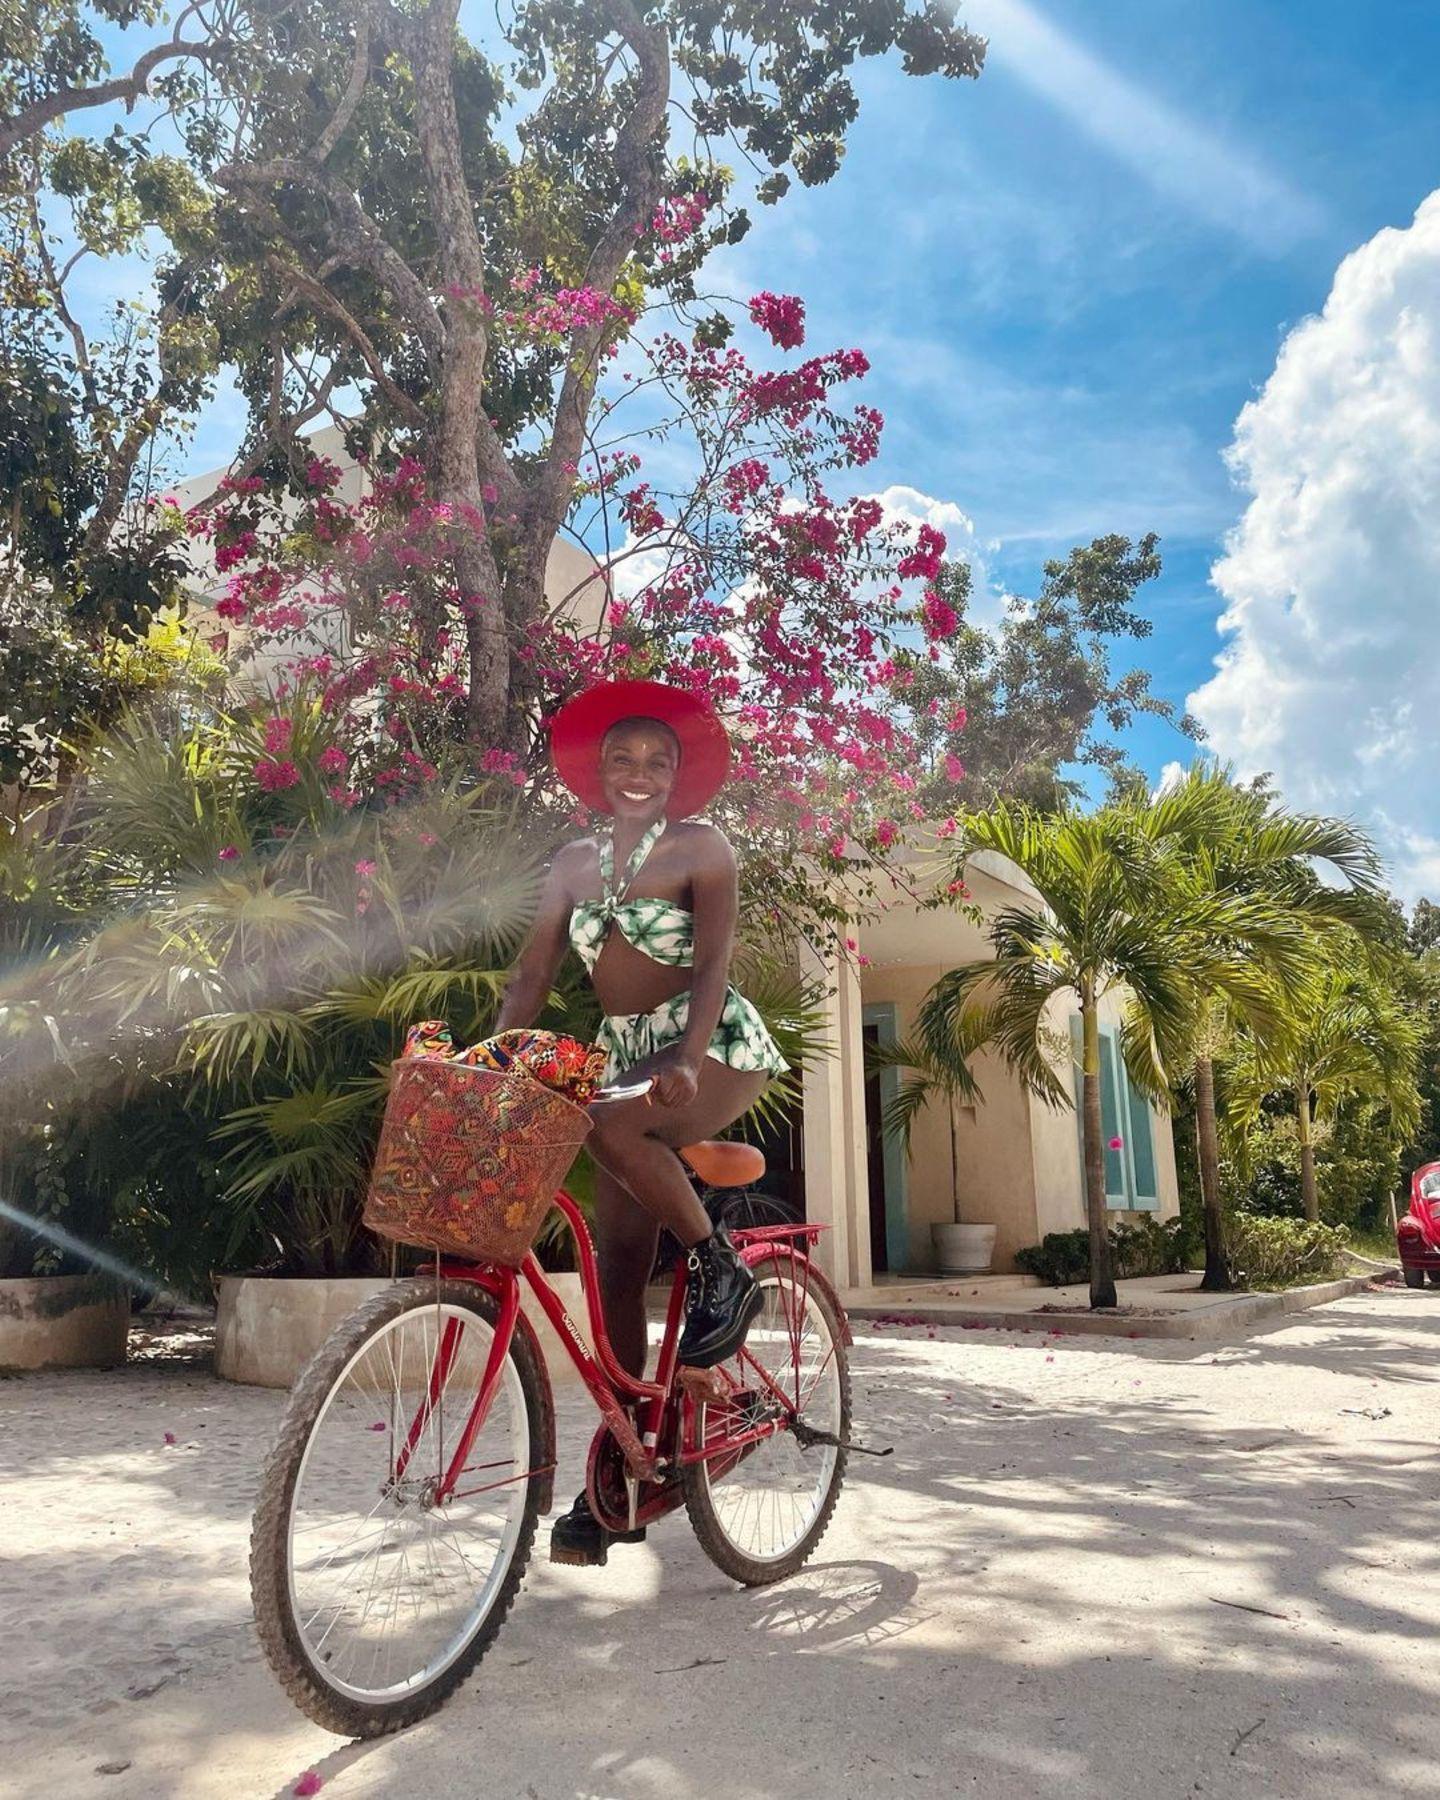 Nikeata Thompson radelt durch Mexiko